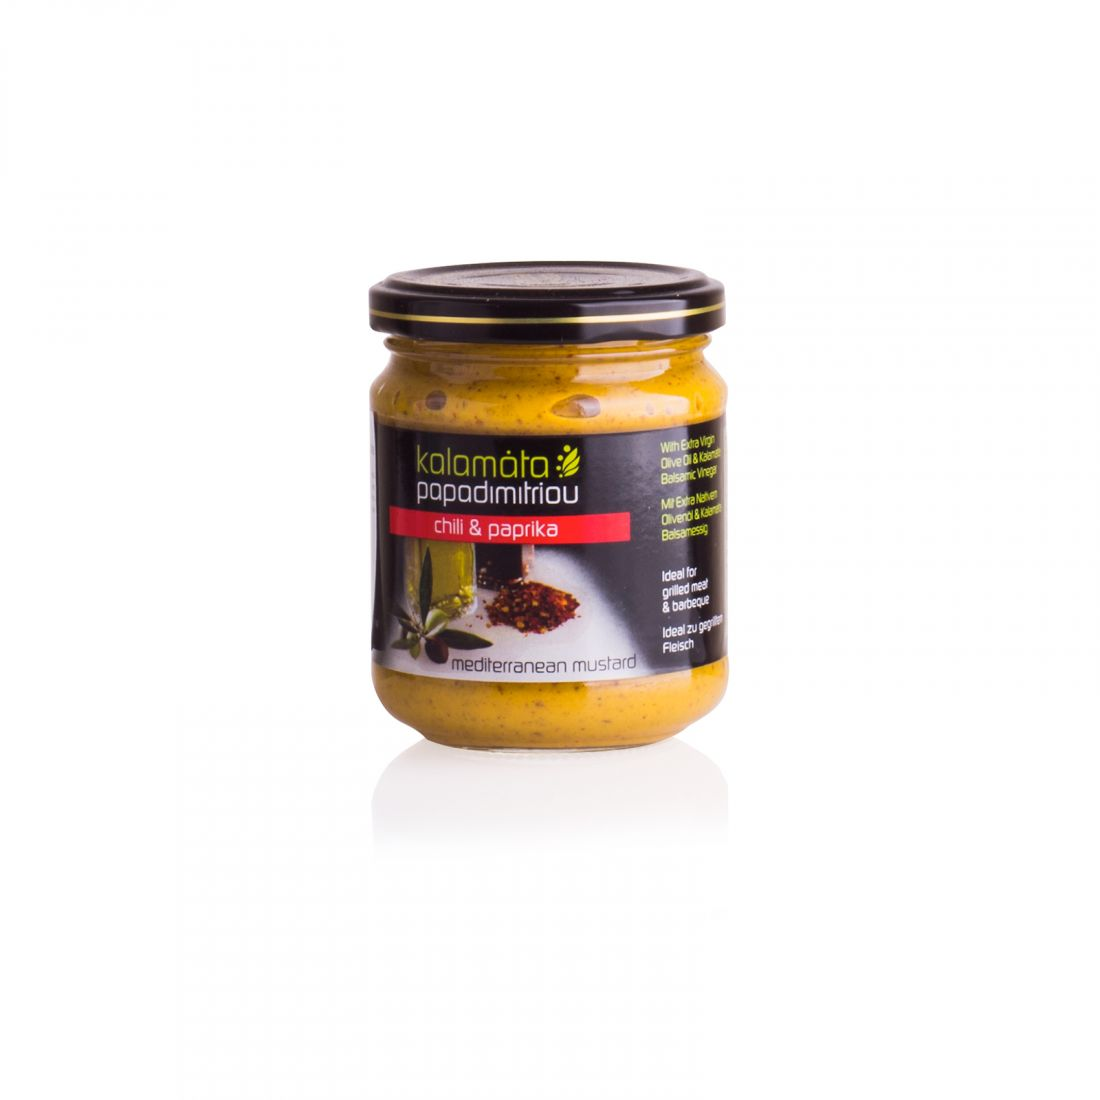 Горчица с оливковым маслом и бальзамическим уксусом Kalamata Papadimitriou - 200 гр - в стекле